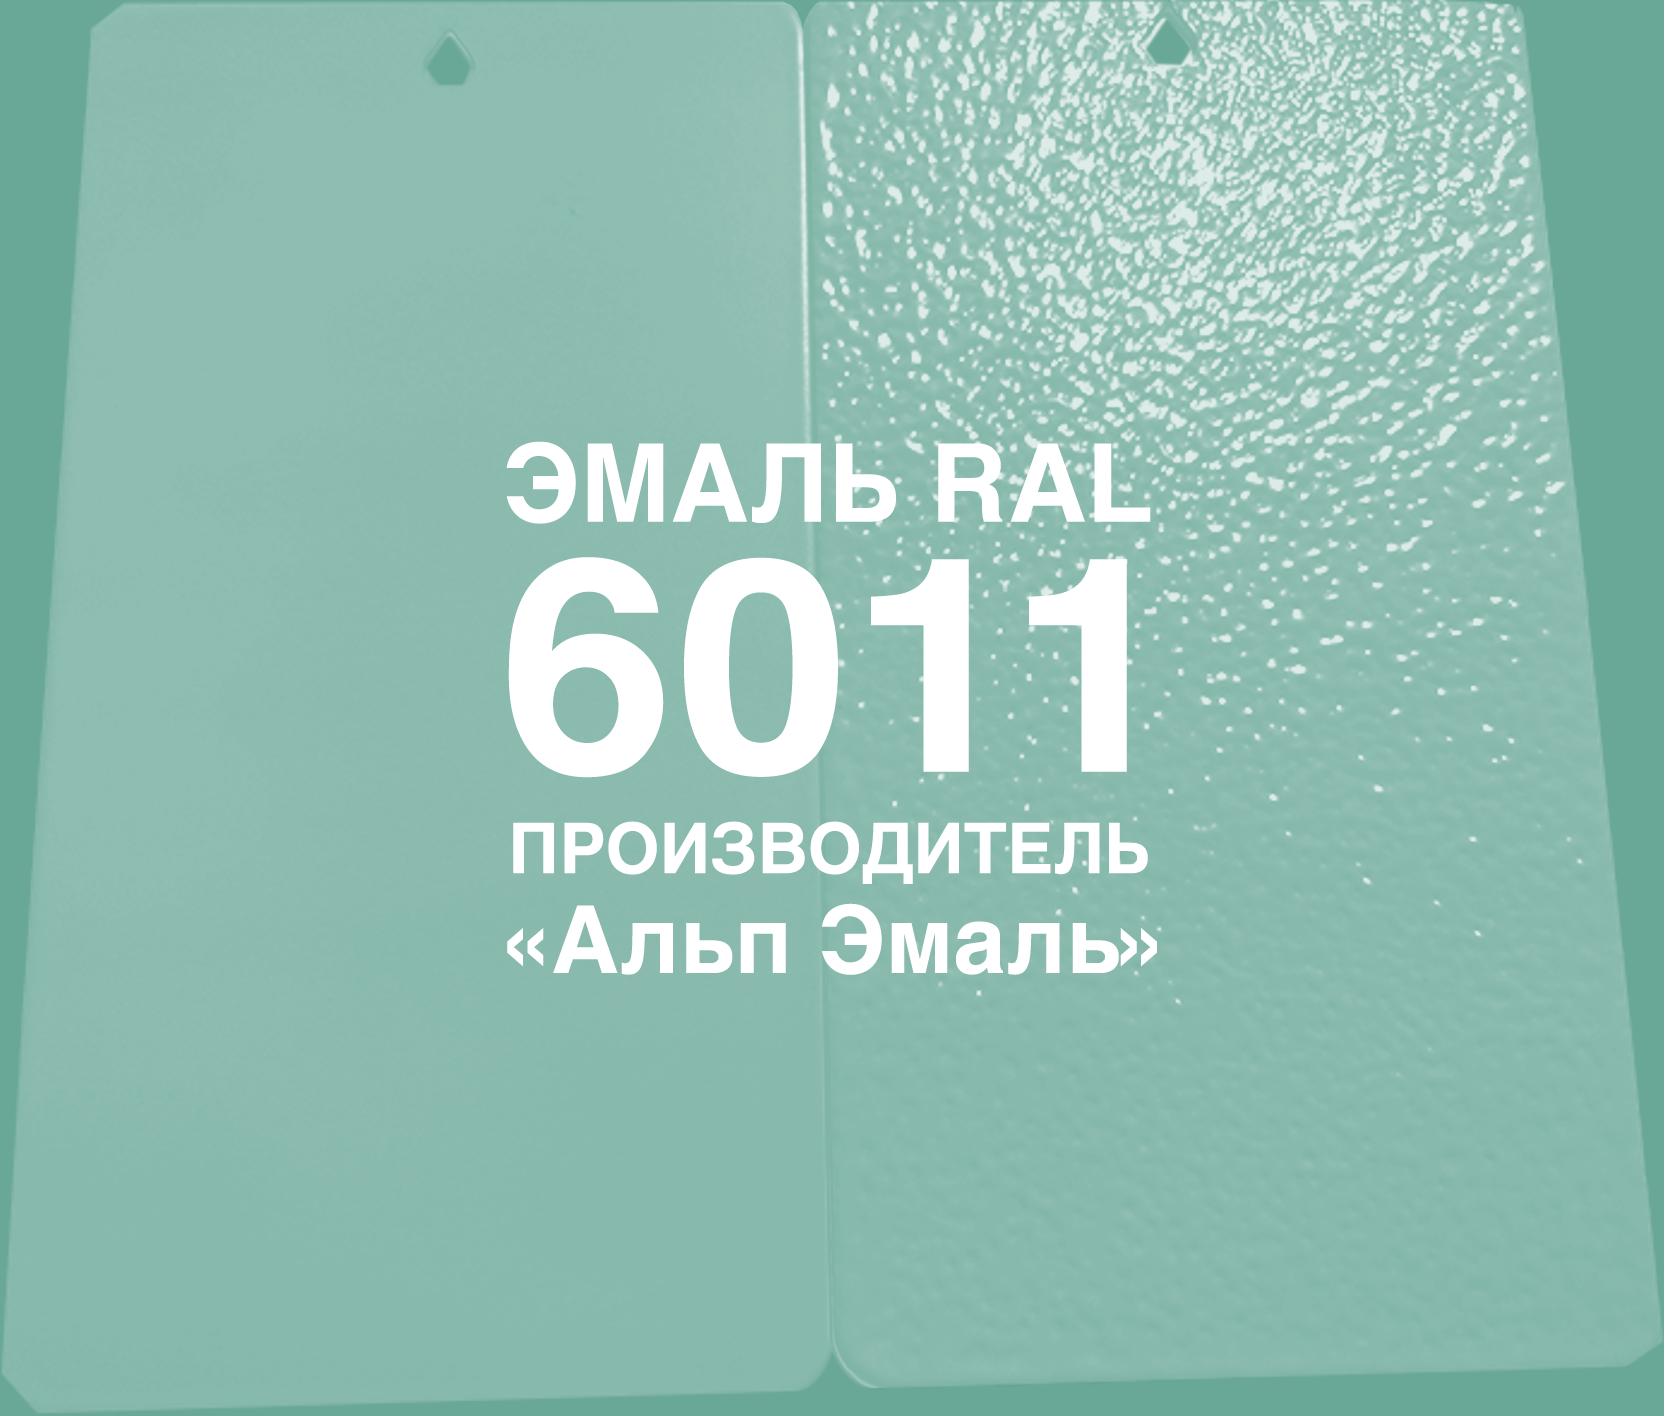 Краска эмаль RAL 6011 зеленая ЗАО Альп Эмаль